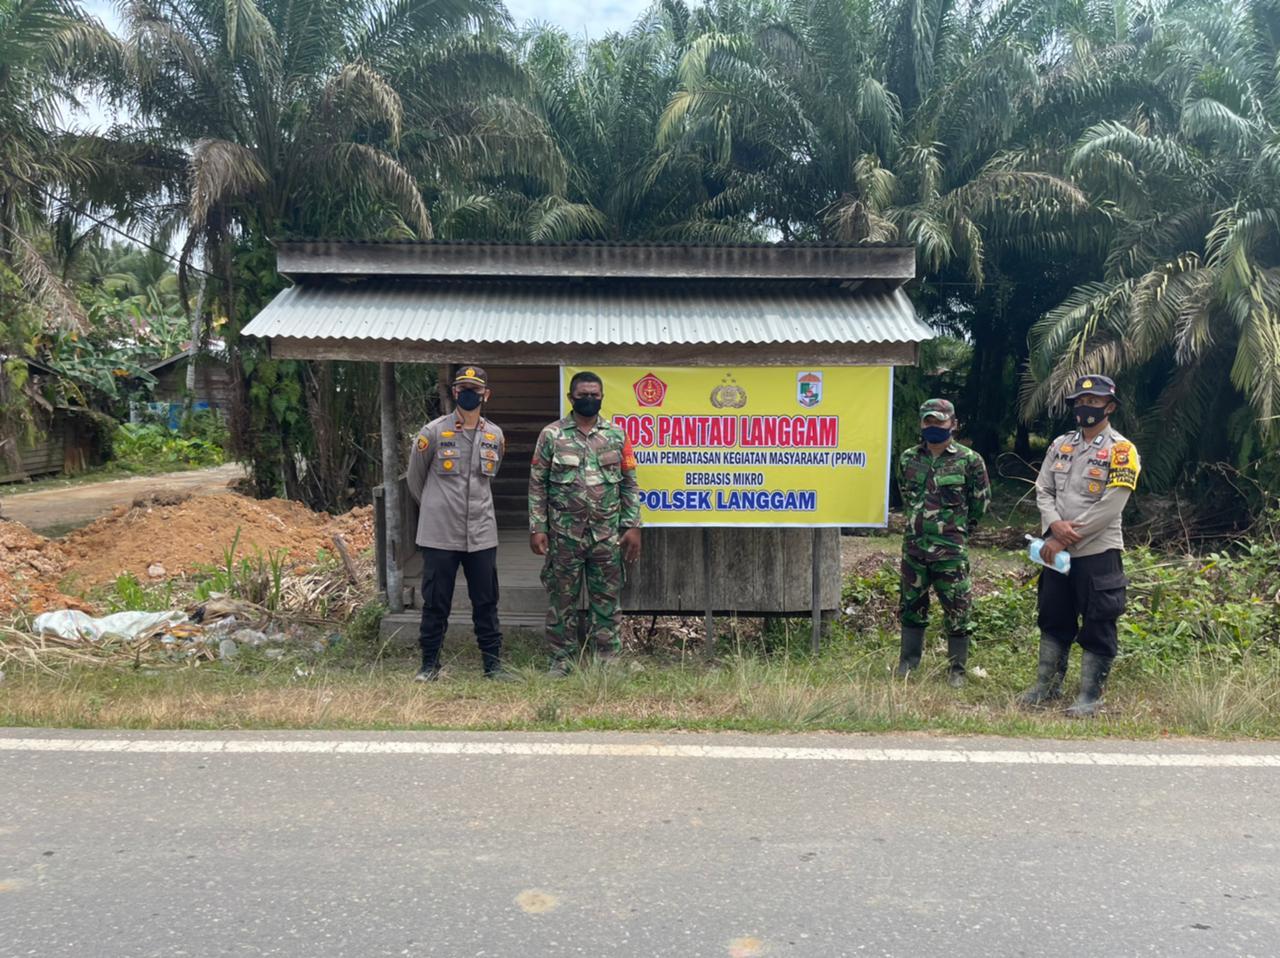 Kapolsek Langgam Pimpin Operasi Yustisi PPKM di Tiga Lokasi